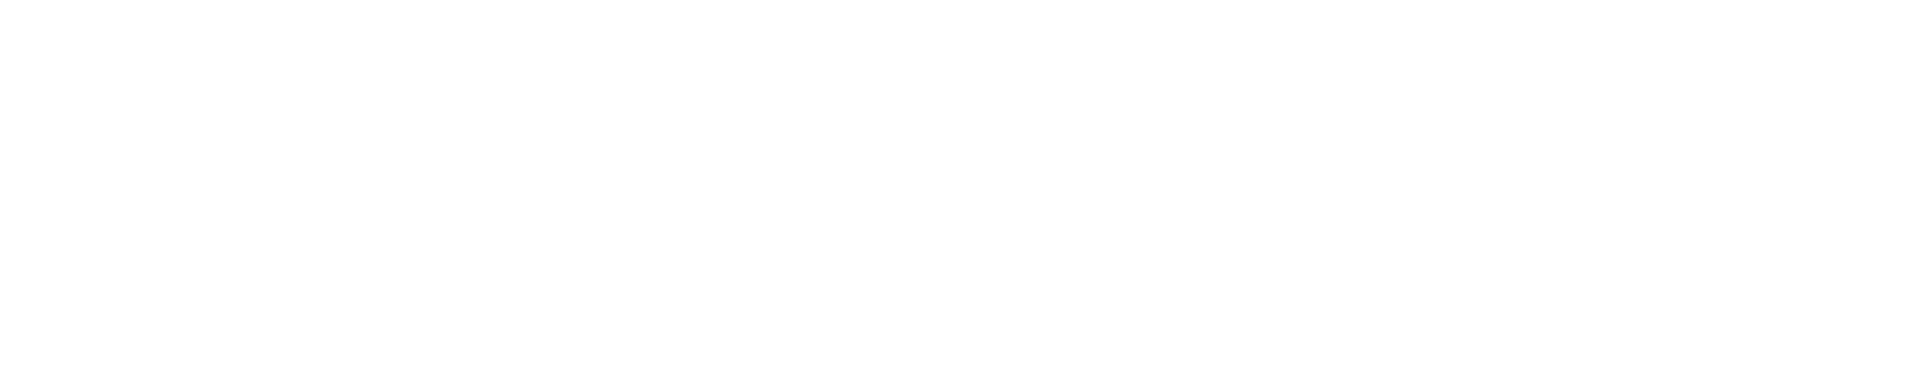 Dymato Automation